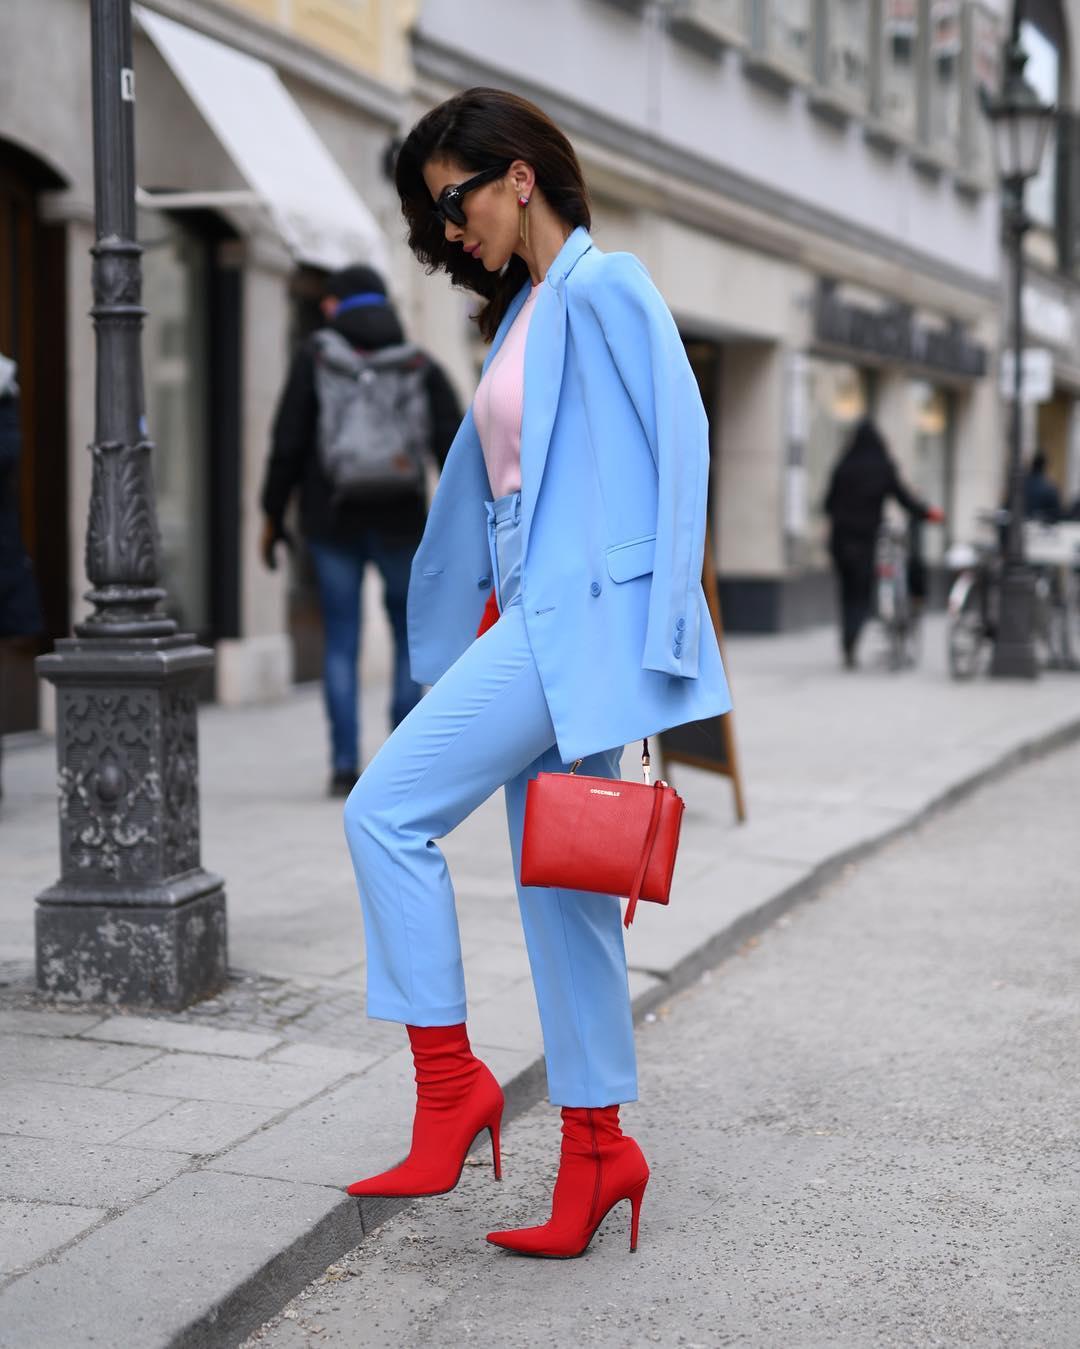 модные образы весна-лето 2019 для женщин после 40 фото_51